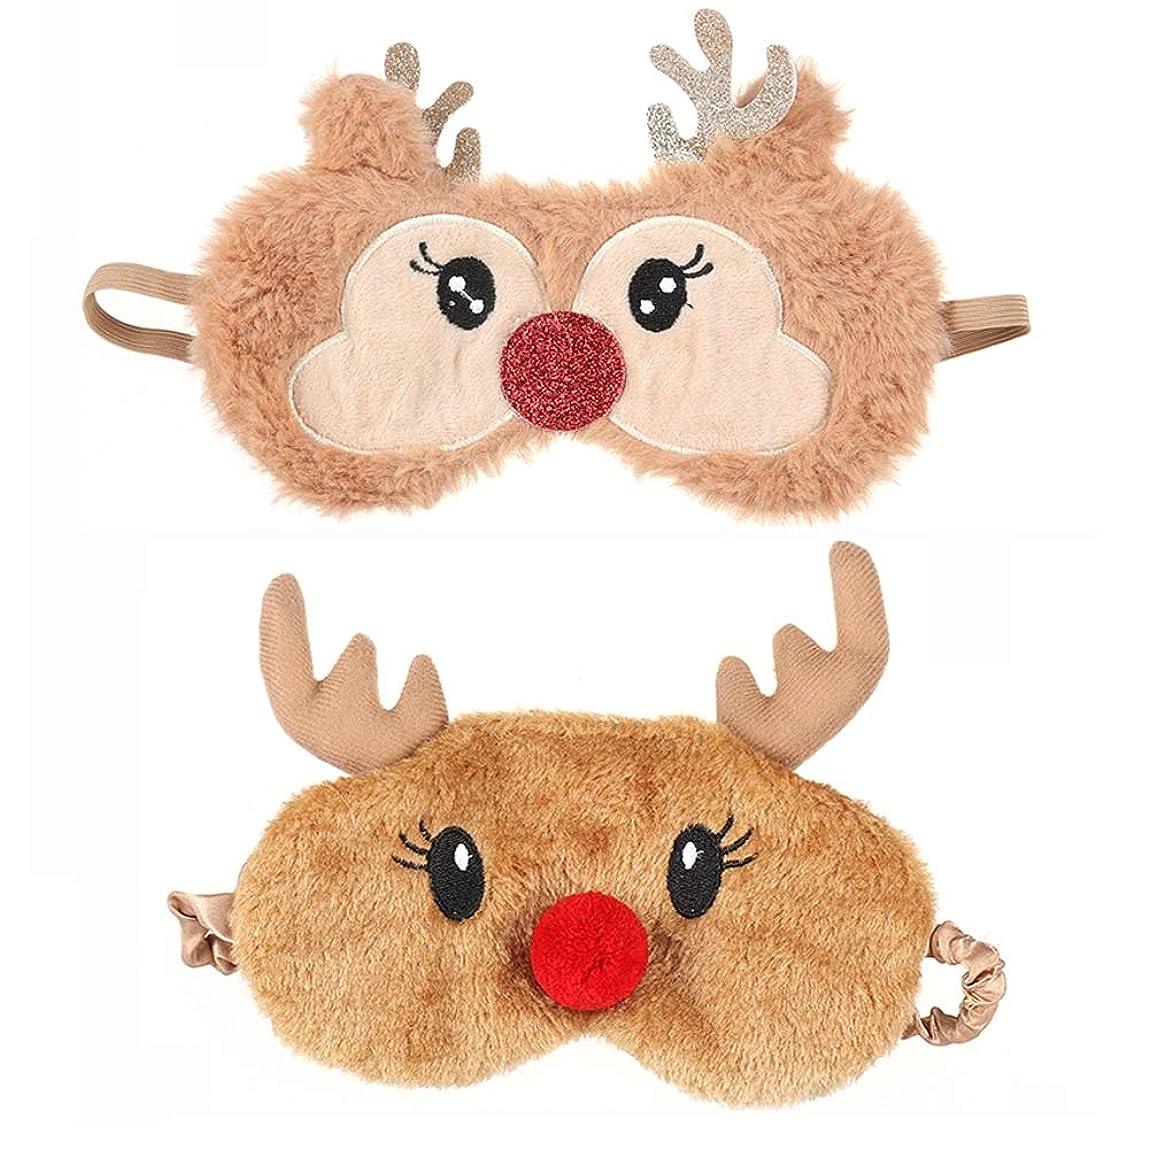 話をするパース上下するNOTE かわいいクリスマスプレゼント漫画鹿アイカバーぬいぐるみ布睡眠マスクナチュラル睡眠アイマスクアイシェードかわいいアイシェード